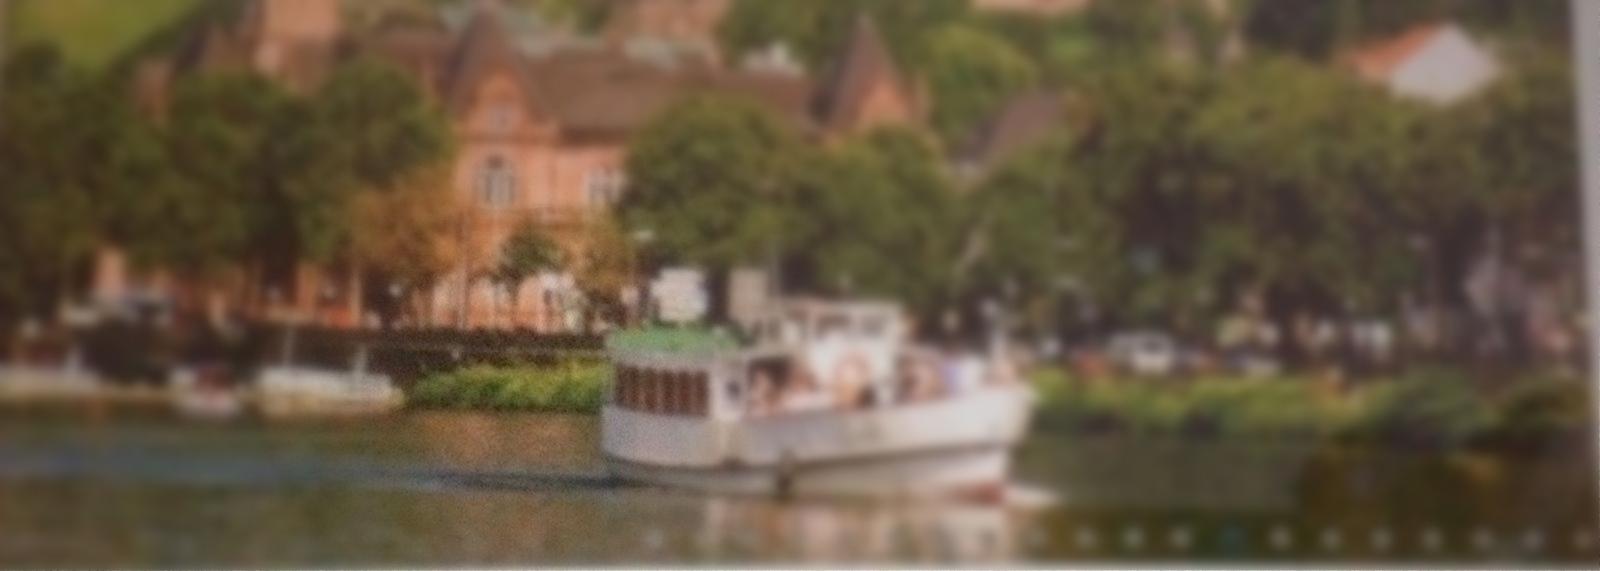 Bootsfahrt auf dem Neckar ( unscharf, Datenschutz)